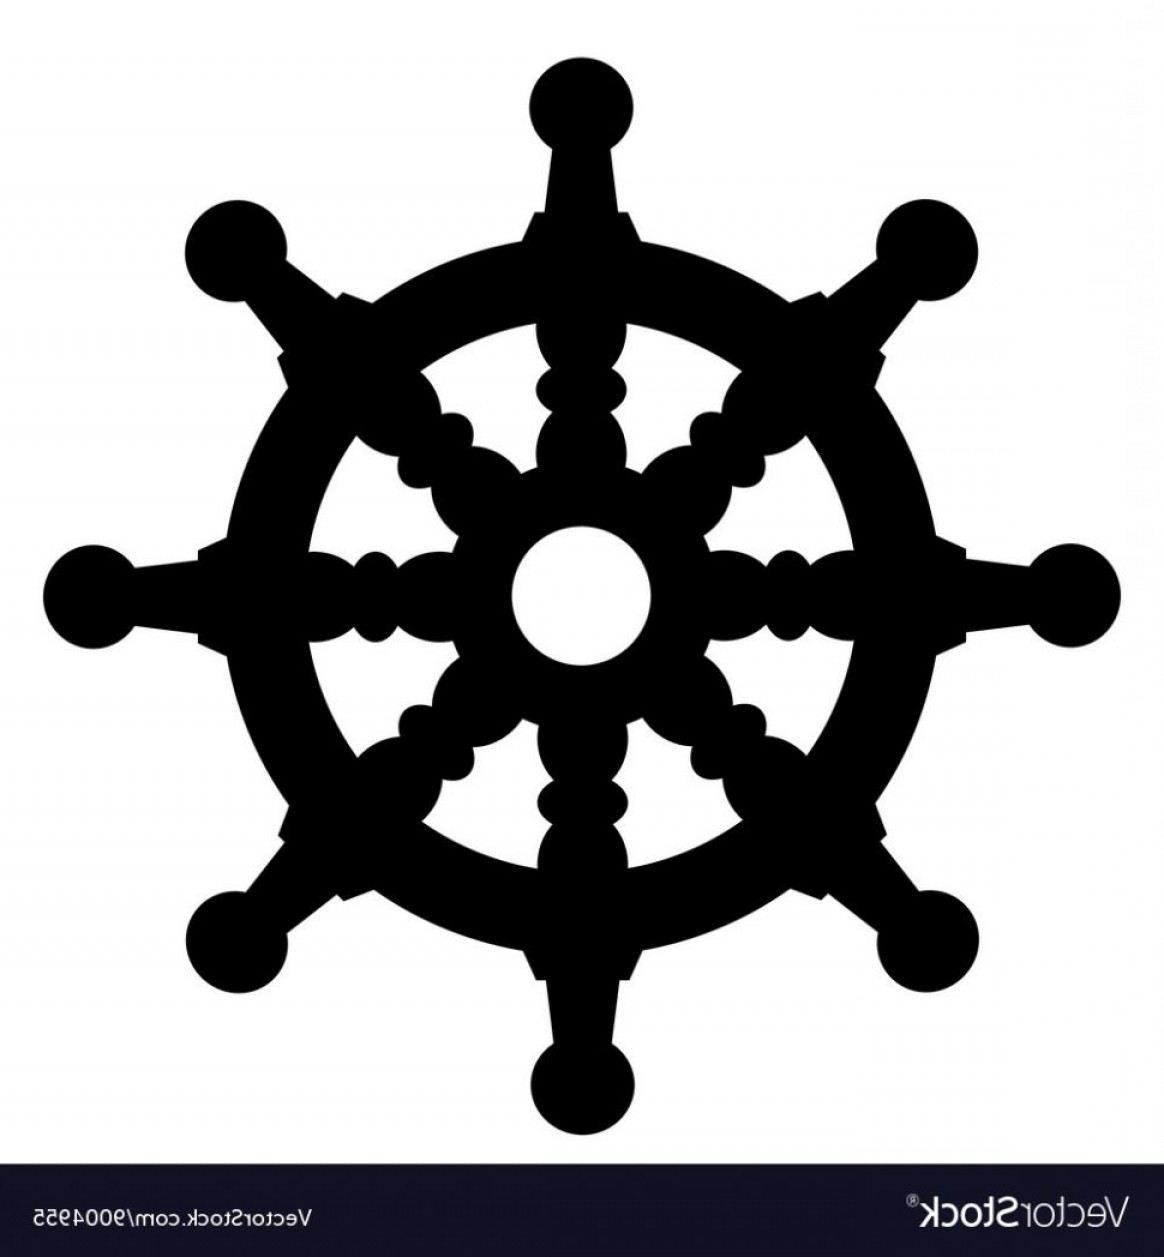 1164x1257 Ships Wheel Clipart Anchor Vector What Do You Call A Ships